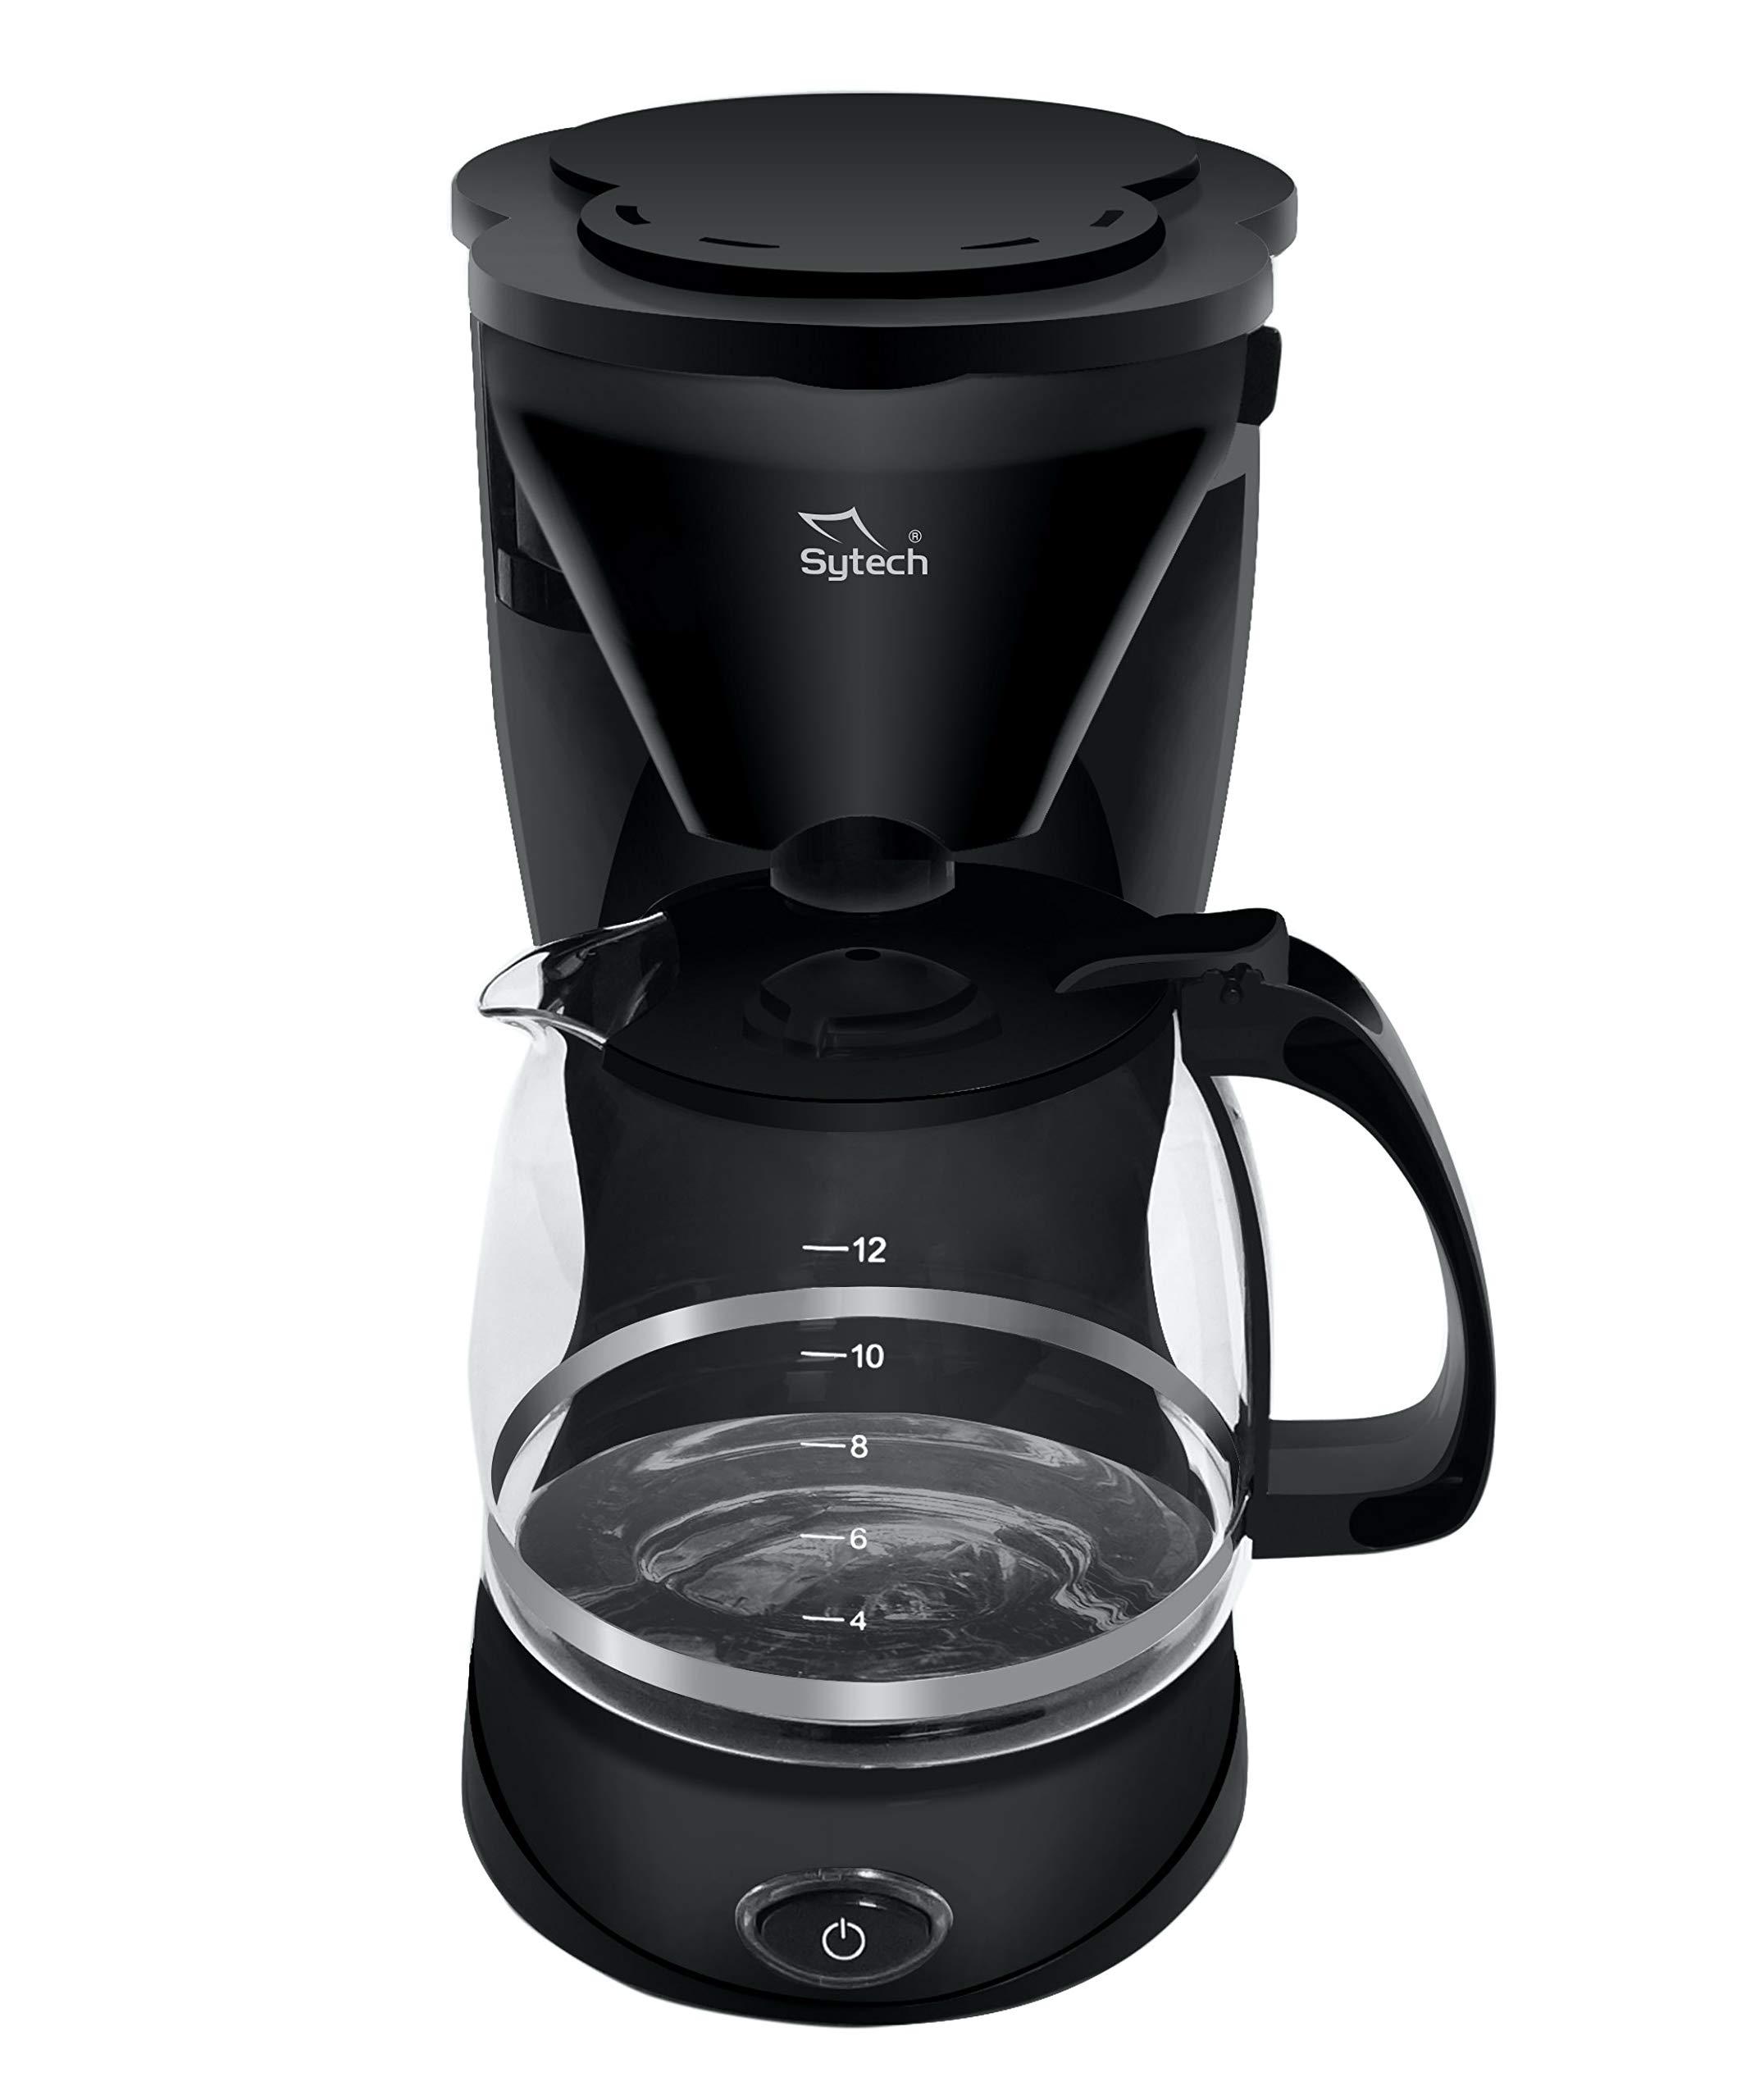 Sytech Cafetera eléctrica de Goteo para 12 Tazas, Negro: Amazon.es ...